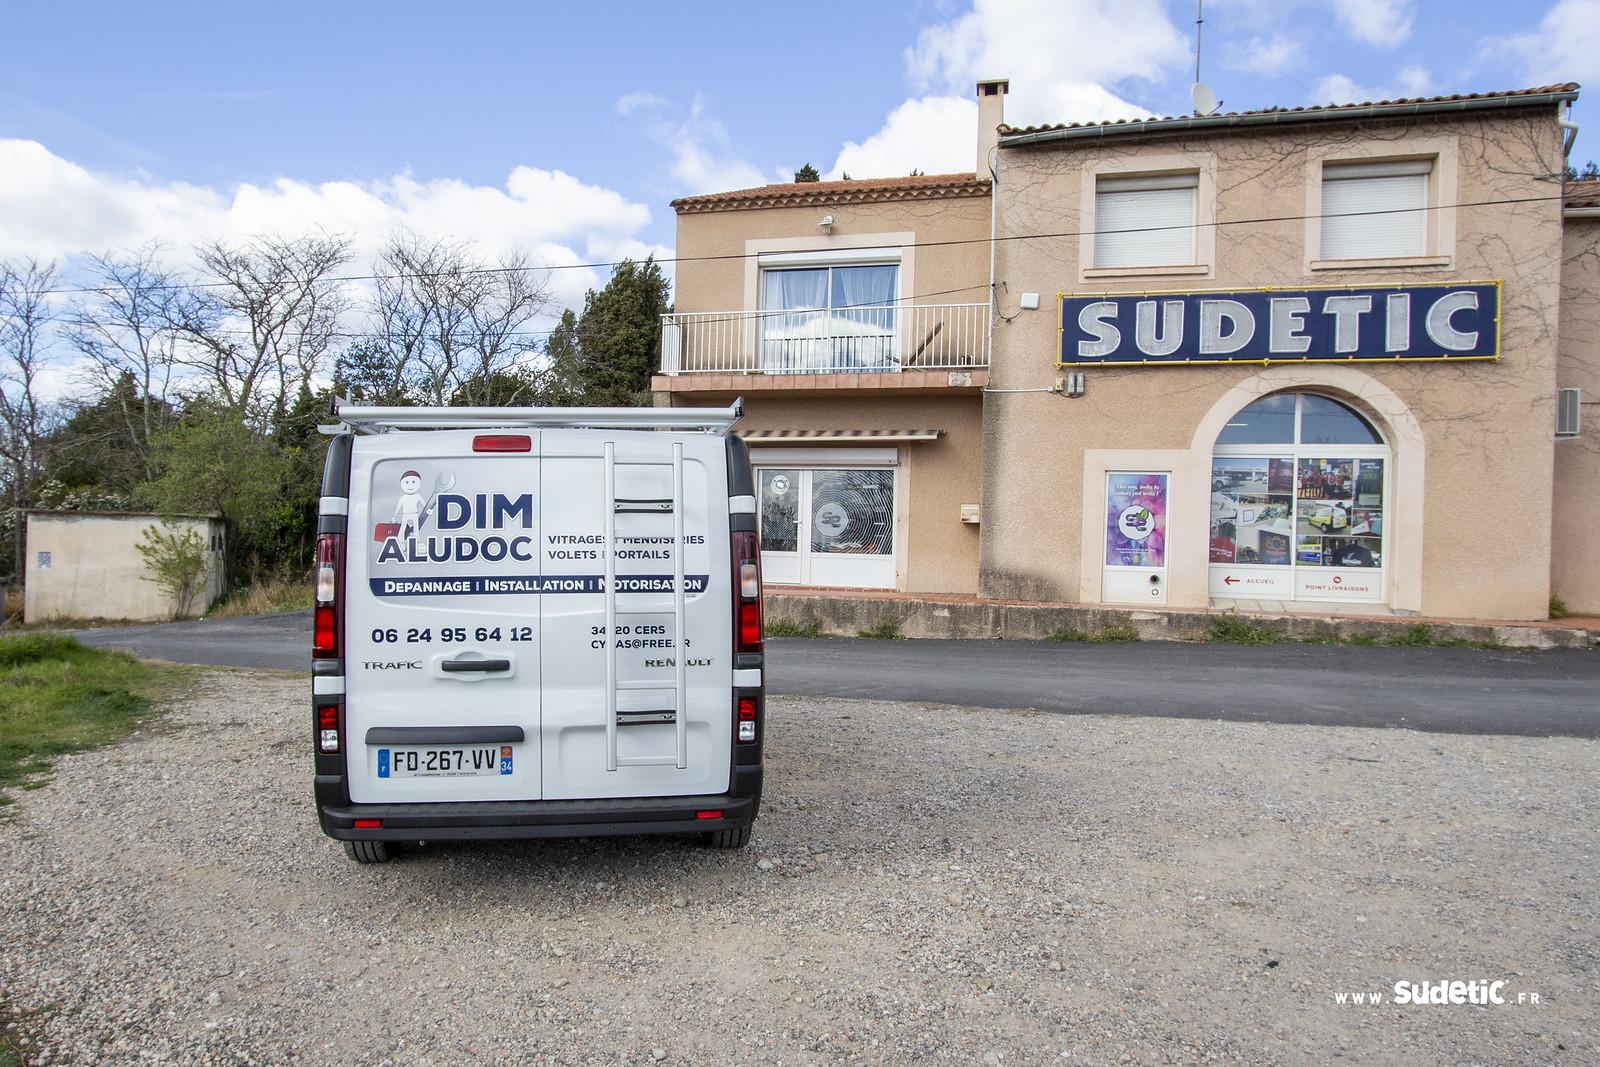 Sudetic Renault Trafic Dim Aludoc-4